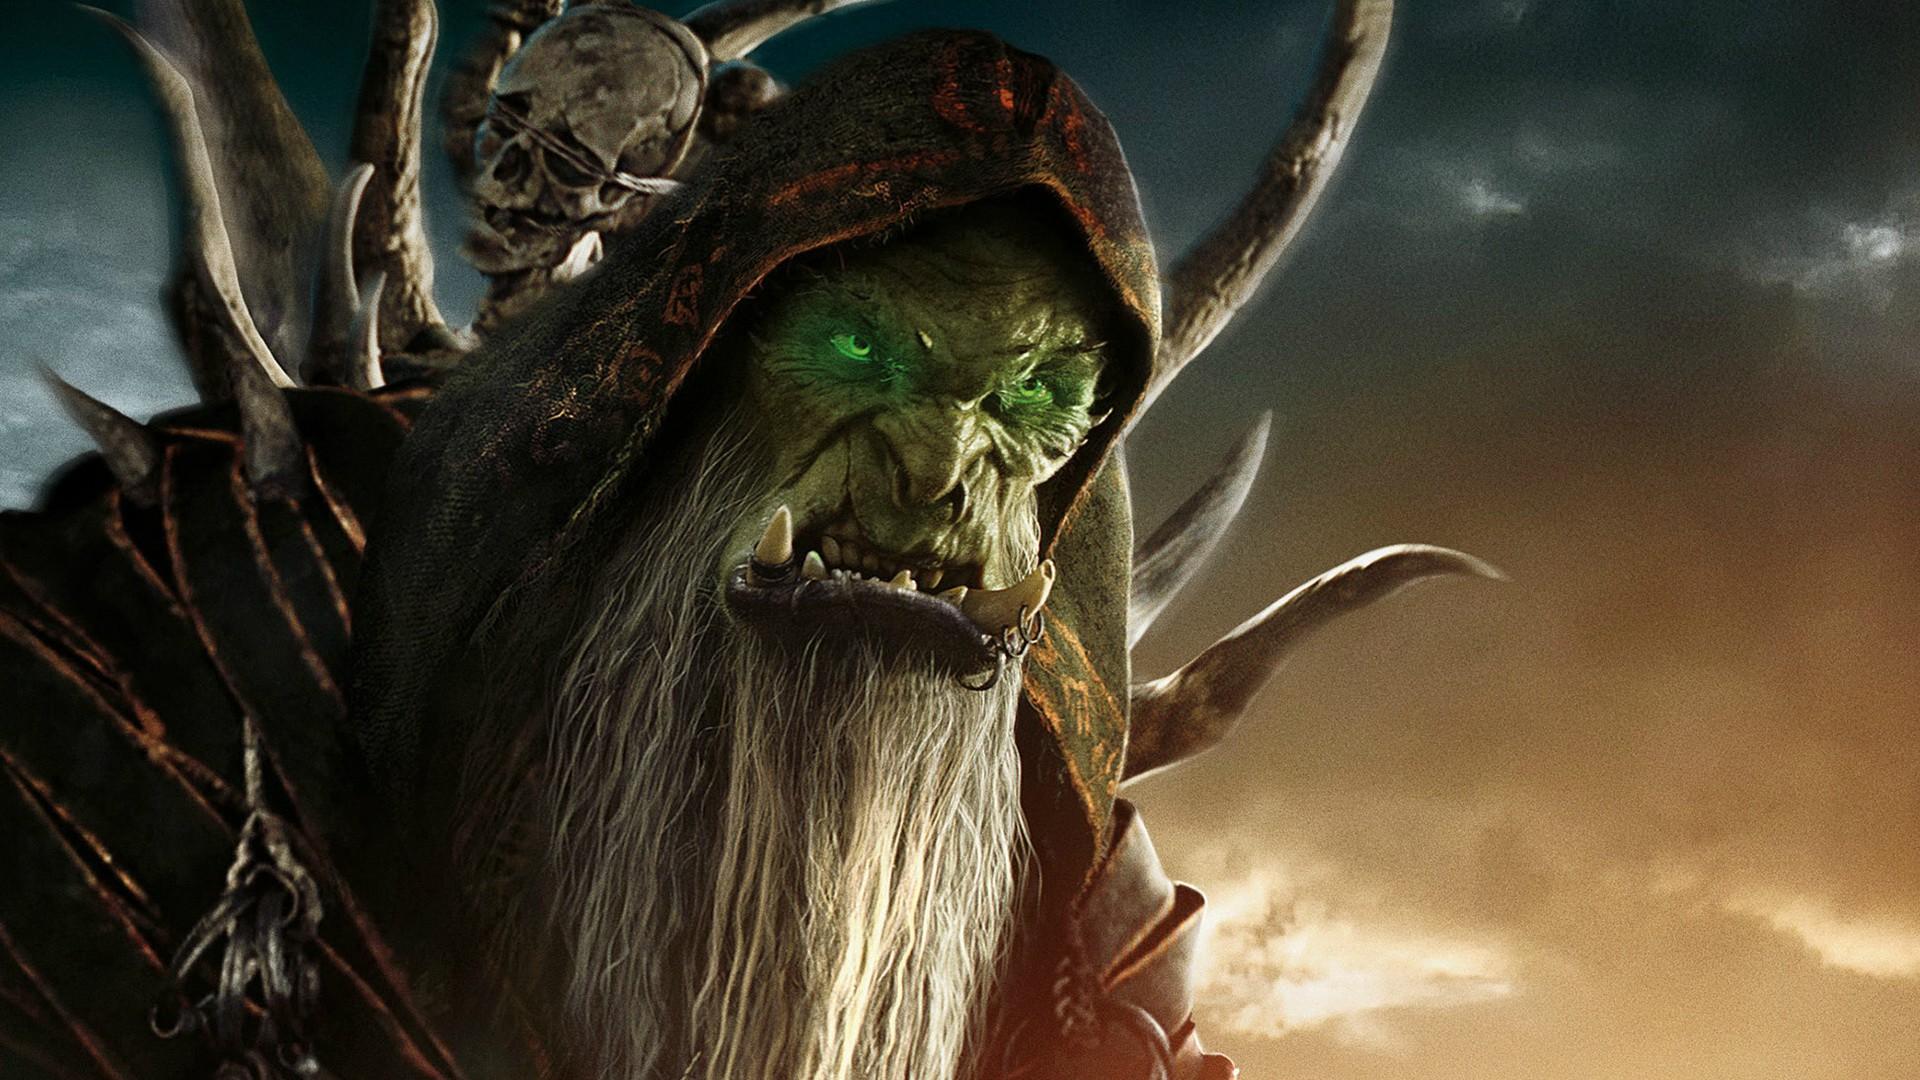 电脑壁纸 | 影视壁纸-魔兽Warcraft-2  高清壁纸 第15张